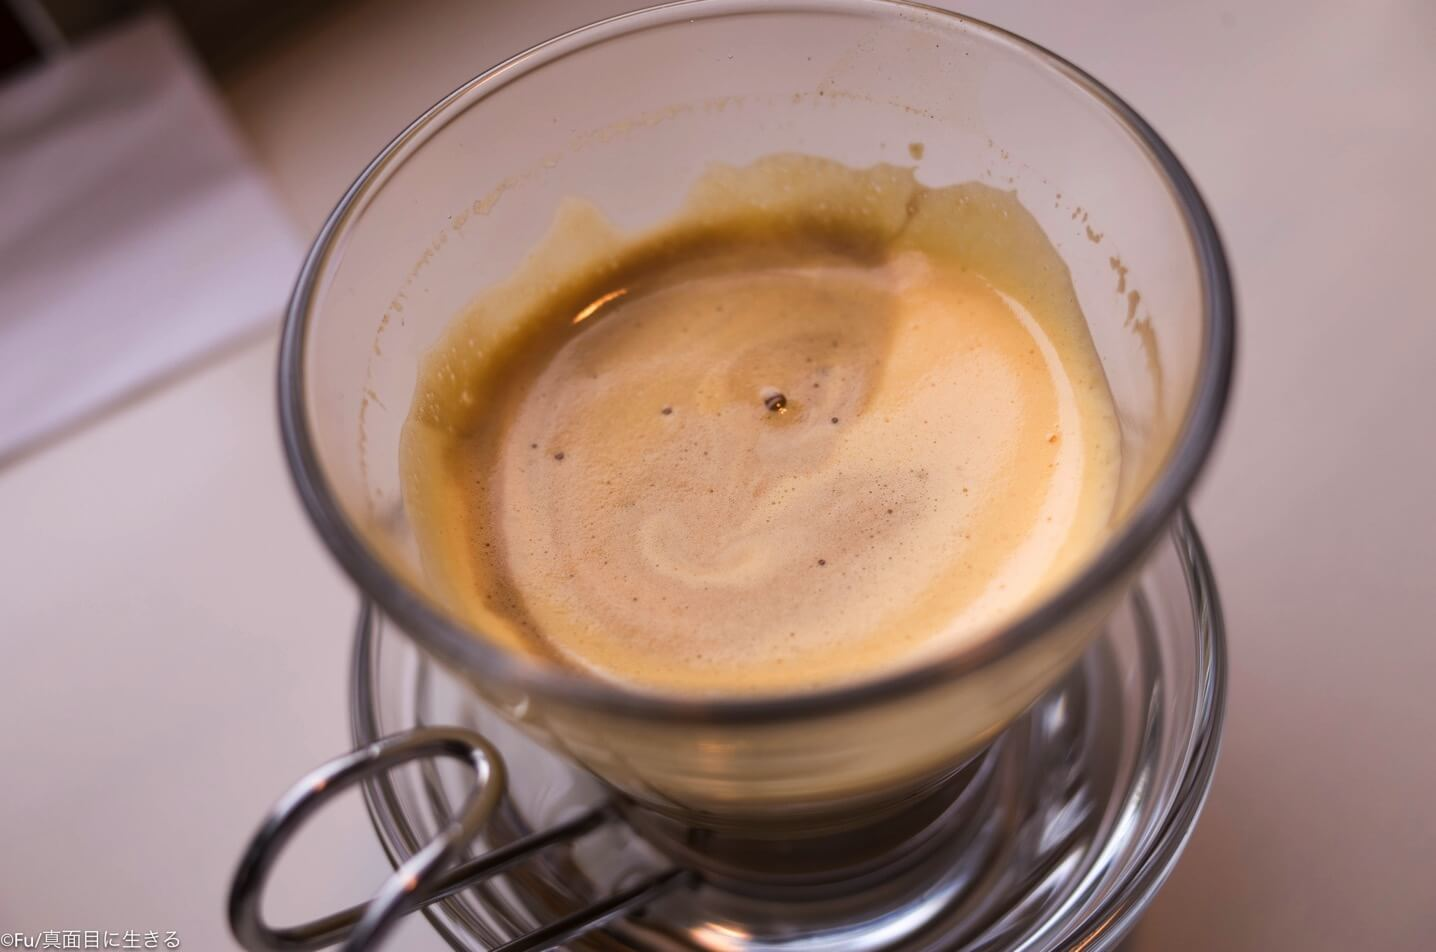 エッグコーヒー混ぜた